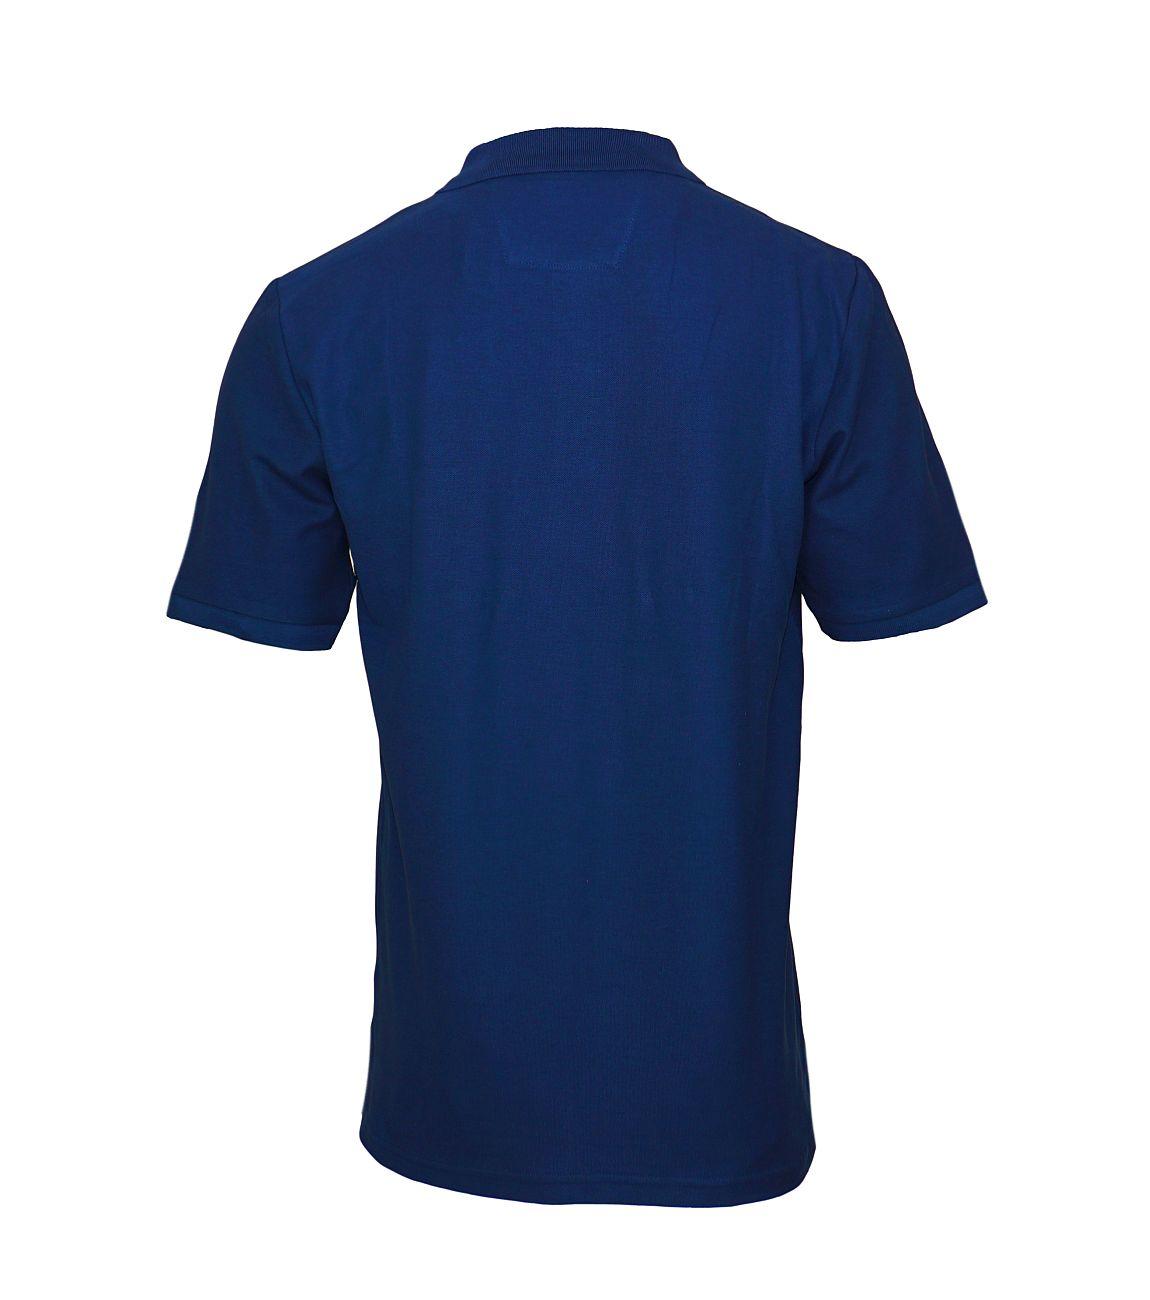 Daniel Hechter T-Shirt Poloshirt Polo 75101 181990 680 navy F18-DHP2